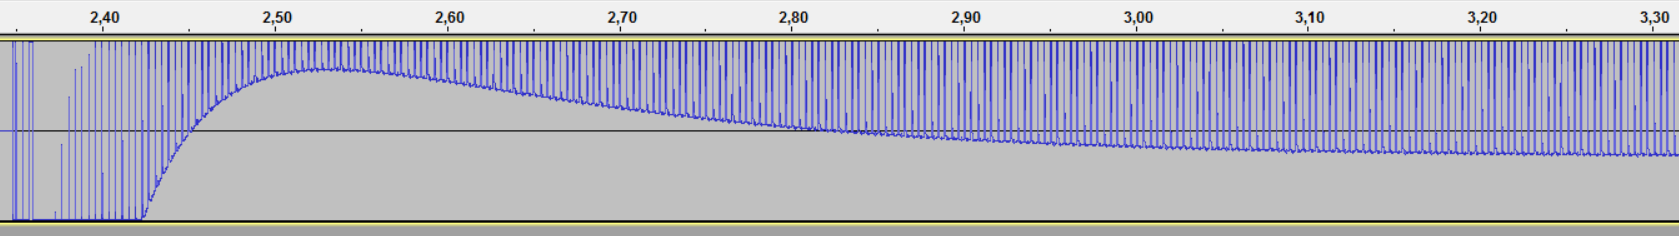 Переходим с STM32 на российский микроконтроллер К1986ВЕ92QI. Практическое применение: Генерируем и воспроизводим звук. Часть первая: генерируем прямоугольный и синусоидальный сигнал. Освоение ЦАП (DAC) - 10